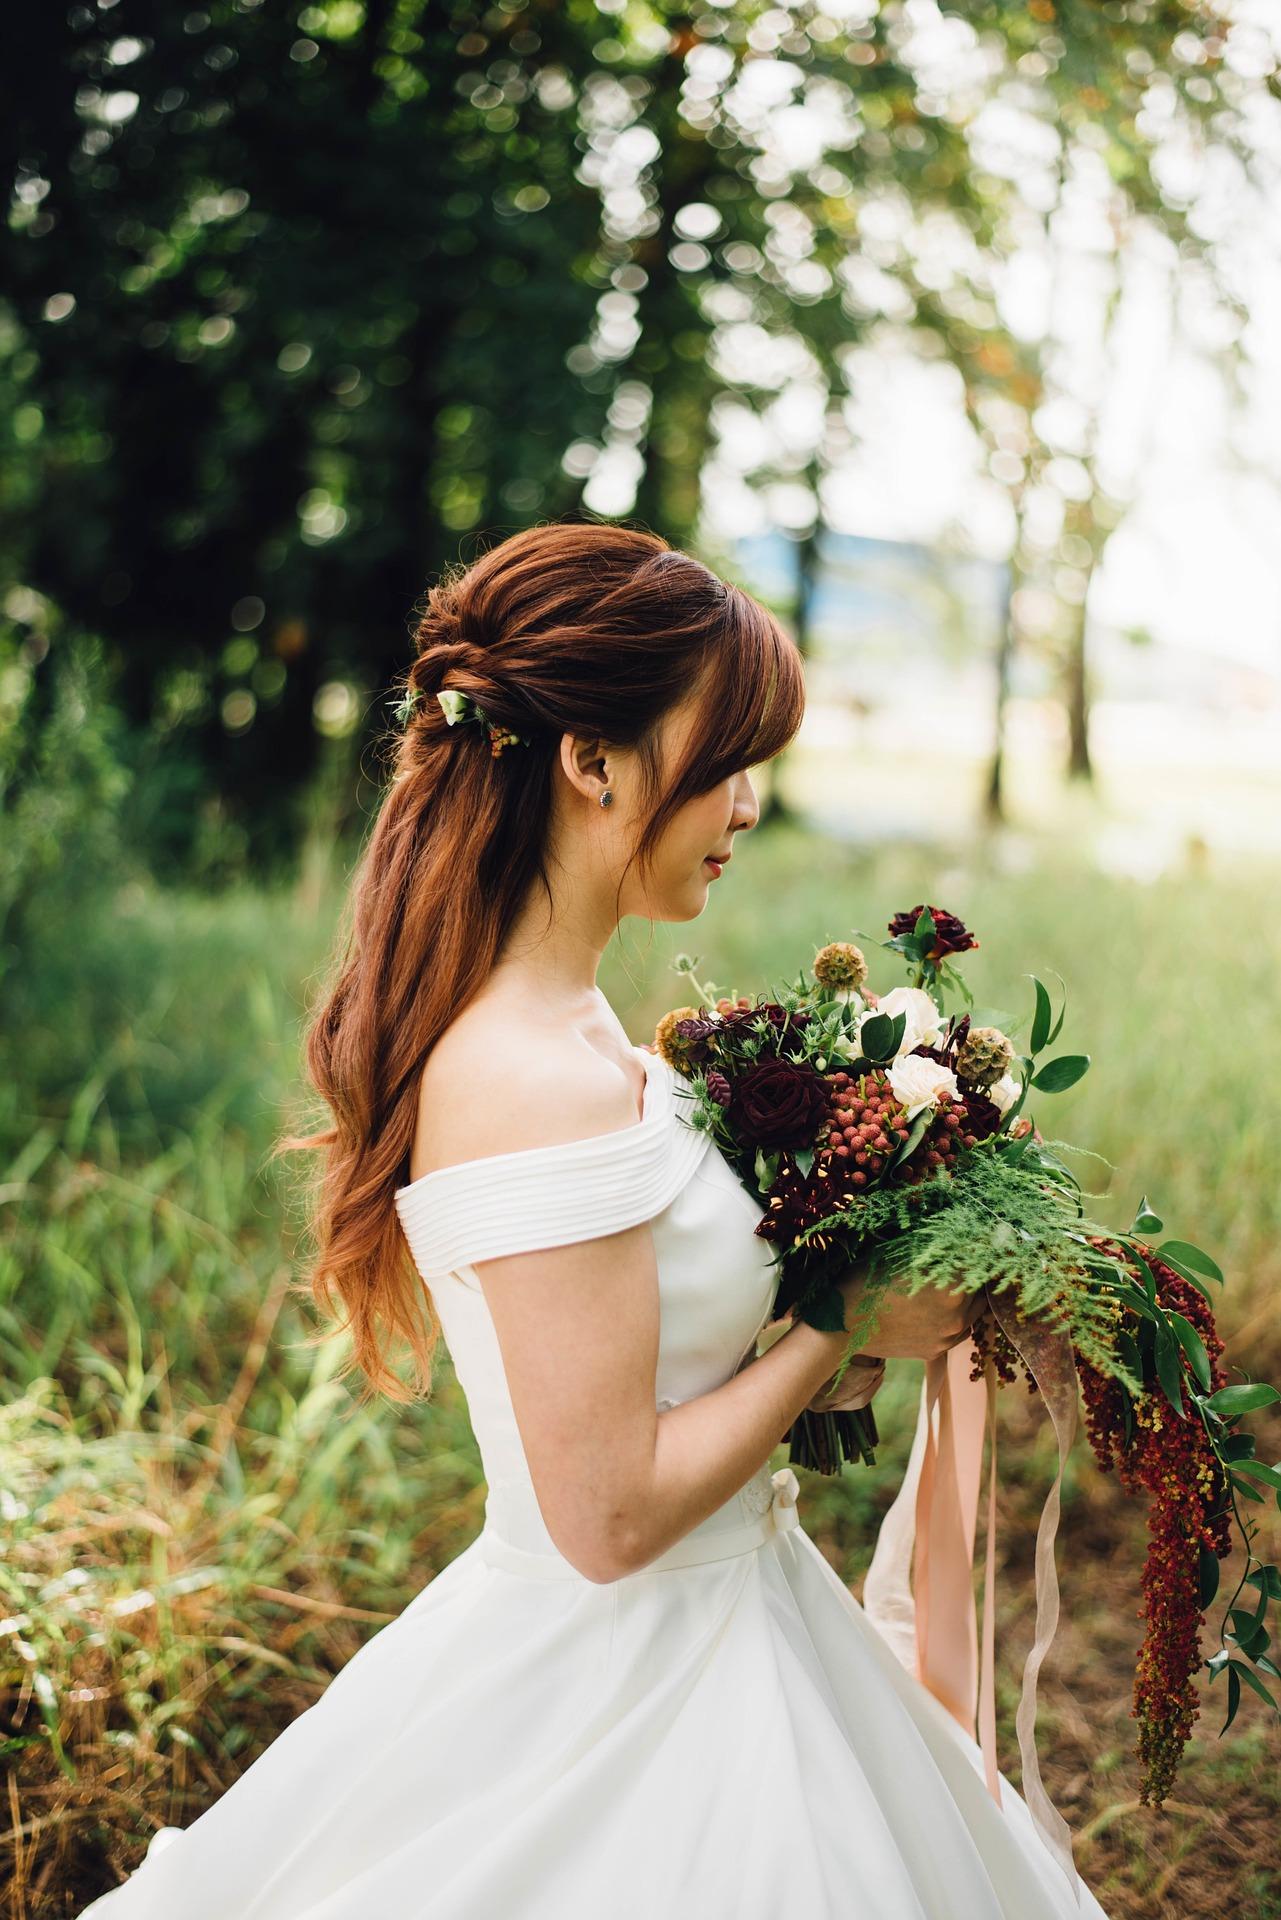 Esküvői ékszer: egyedi nyakláncok az esküvőre!